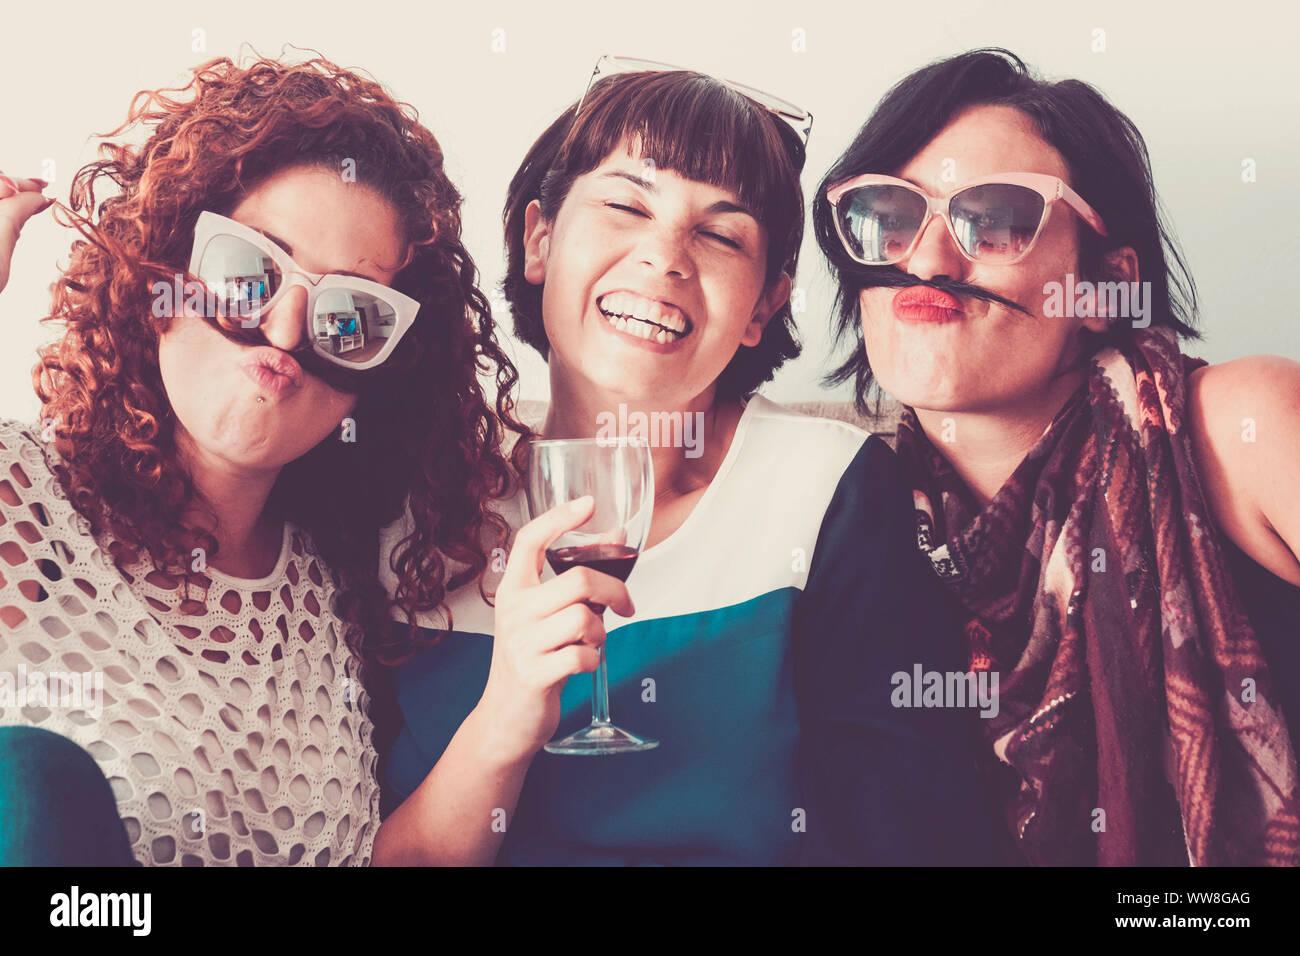 Tres mujeres caucásicas amigos permanecer juntos en la amistad y la locura con pelo como bigote y felicidad relación concepto vintage, lleno de colores y disfrute de actividades de ocio, tiempo de verano, Foto de stock